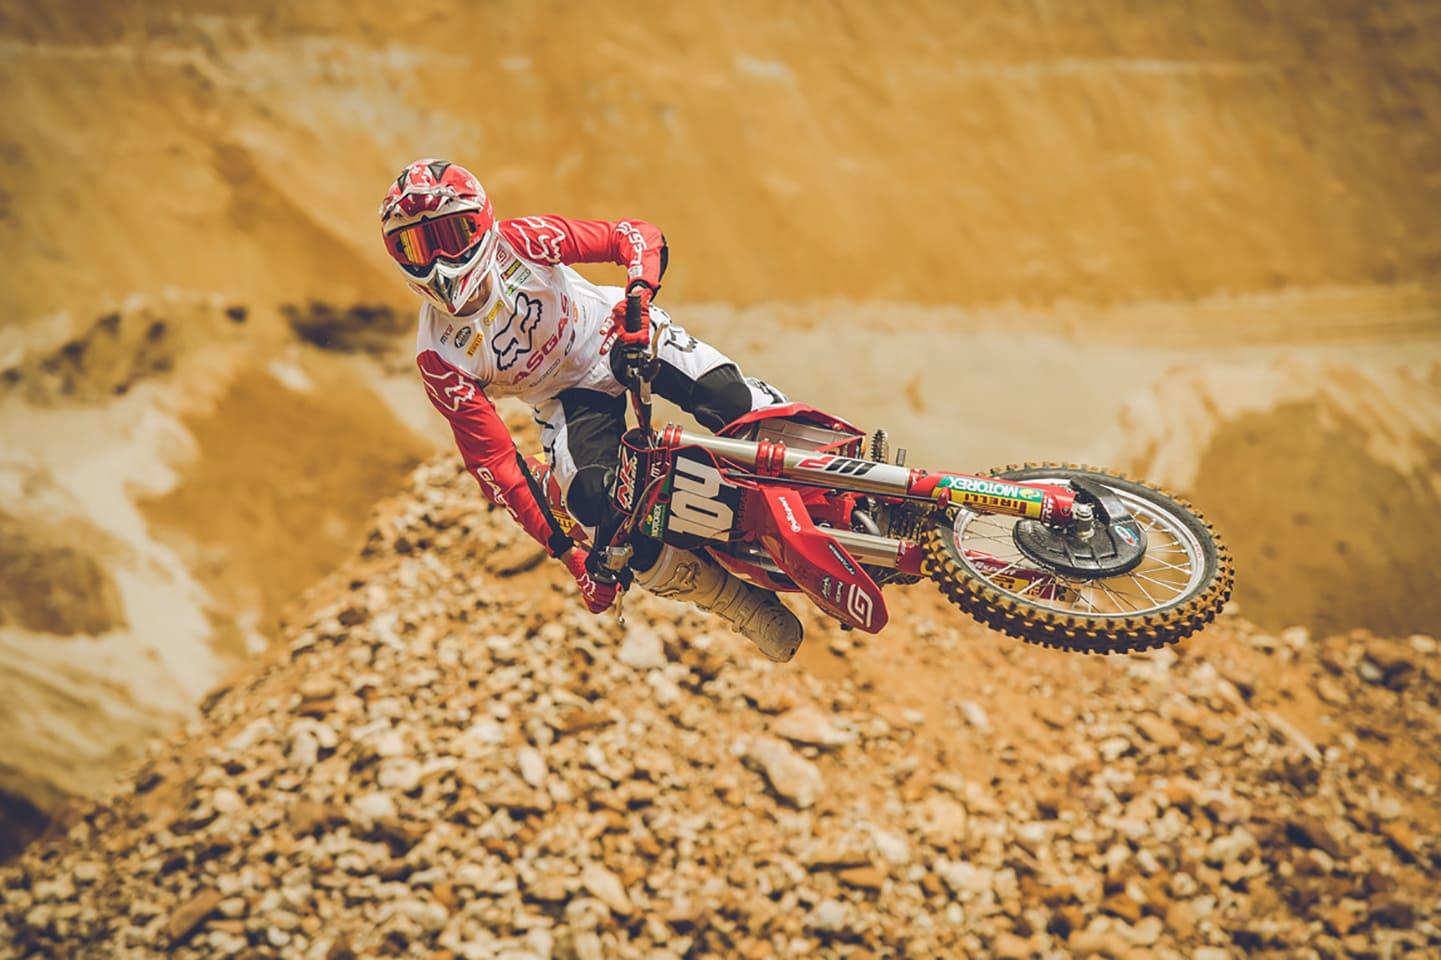 DIGA Procross: Jeremy Sydow ist zurück auf dem Bike